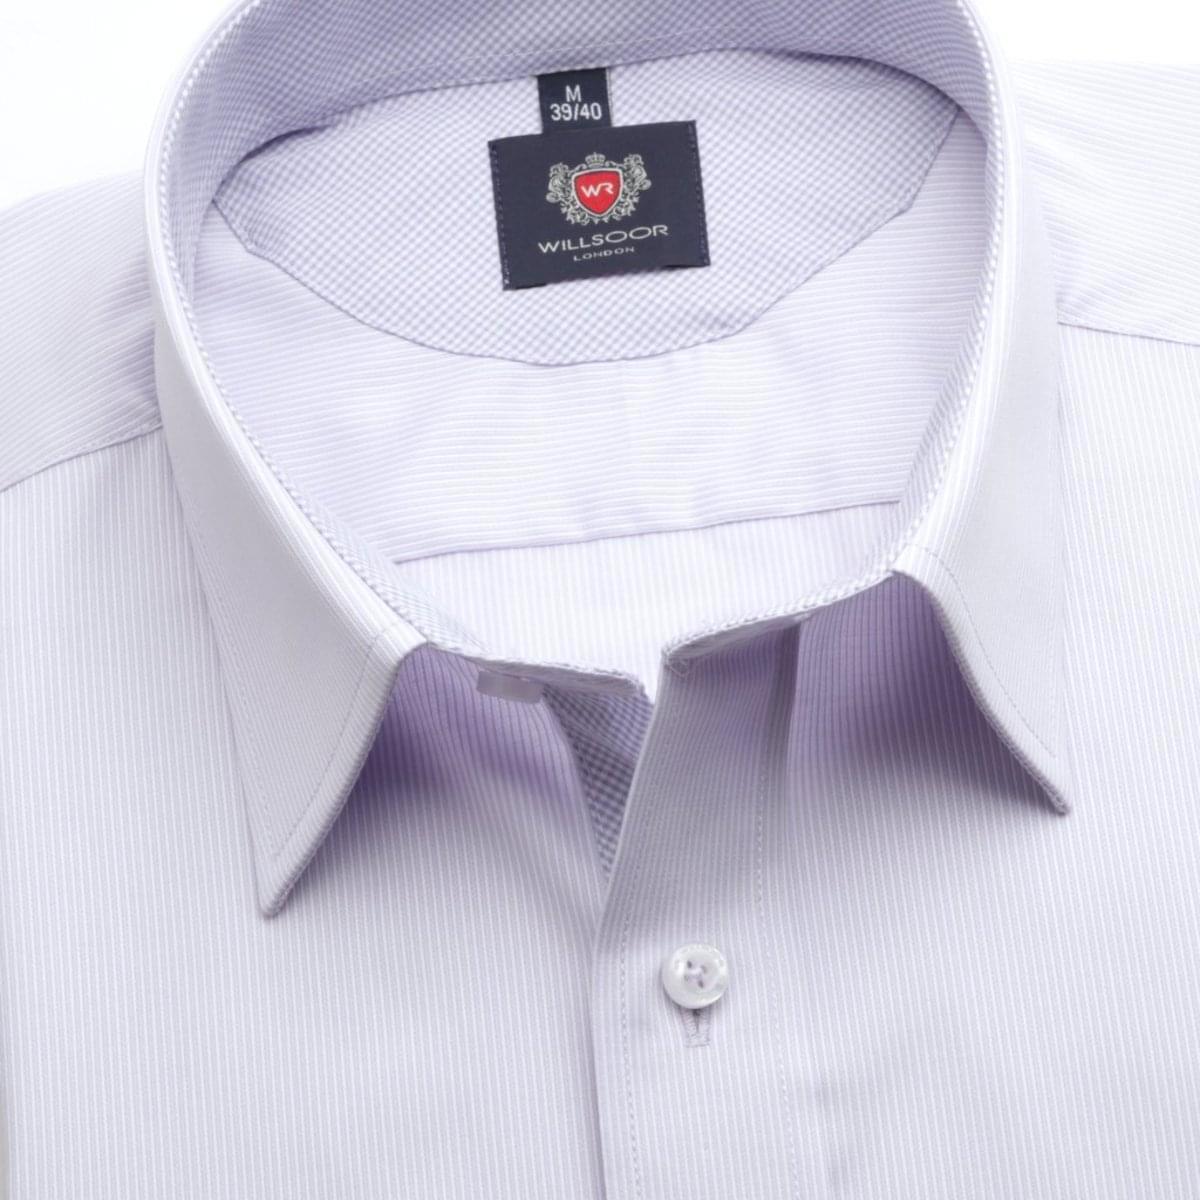 Pánská klasická košile London (výška 176-182) 6734 ve fialkové barvě s formulí Easy Care 176-182 / XL (43/44)